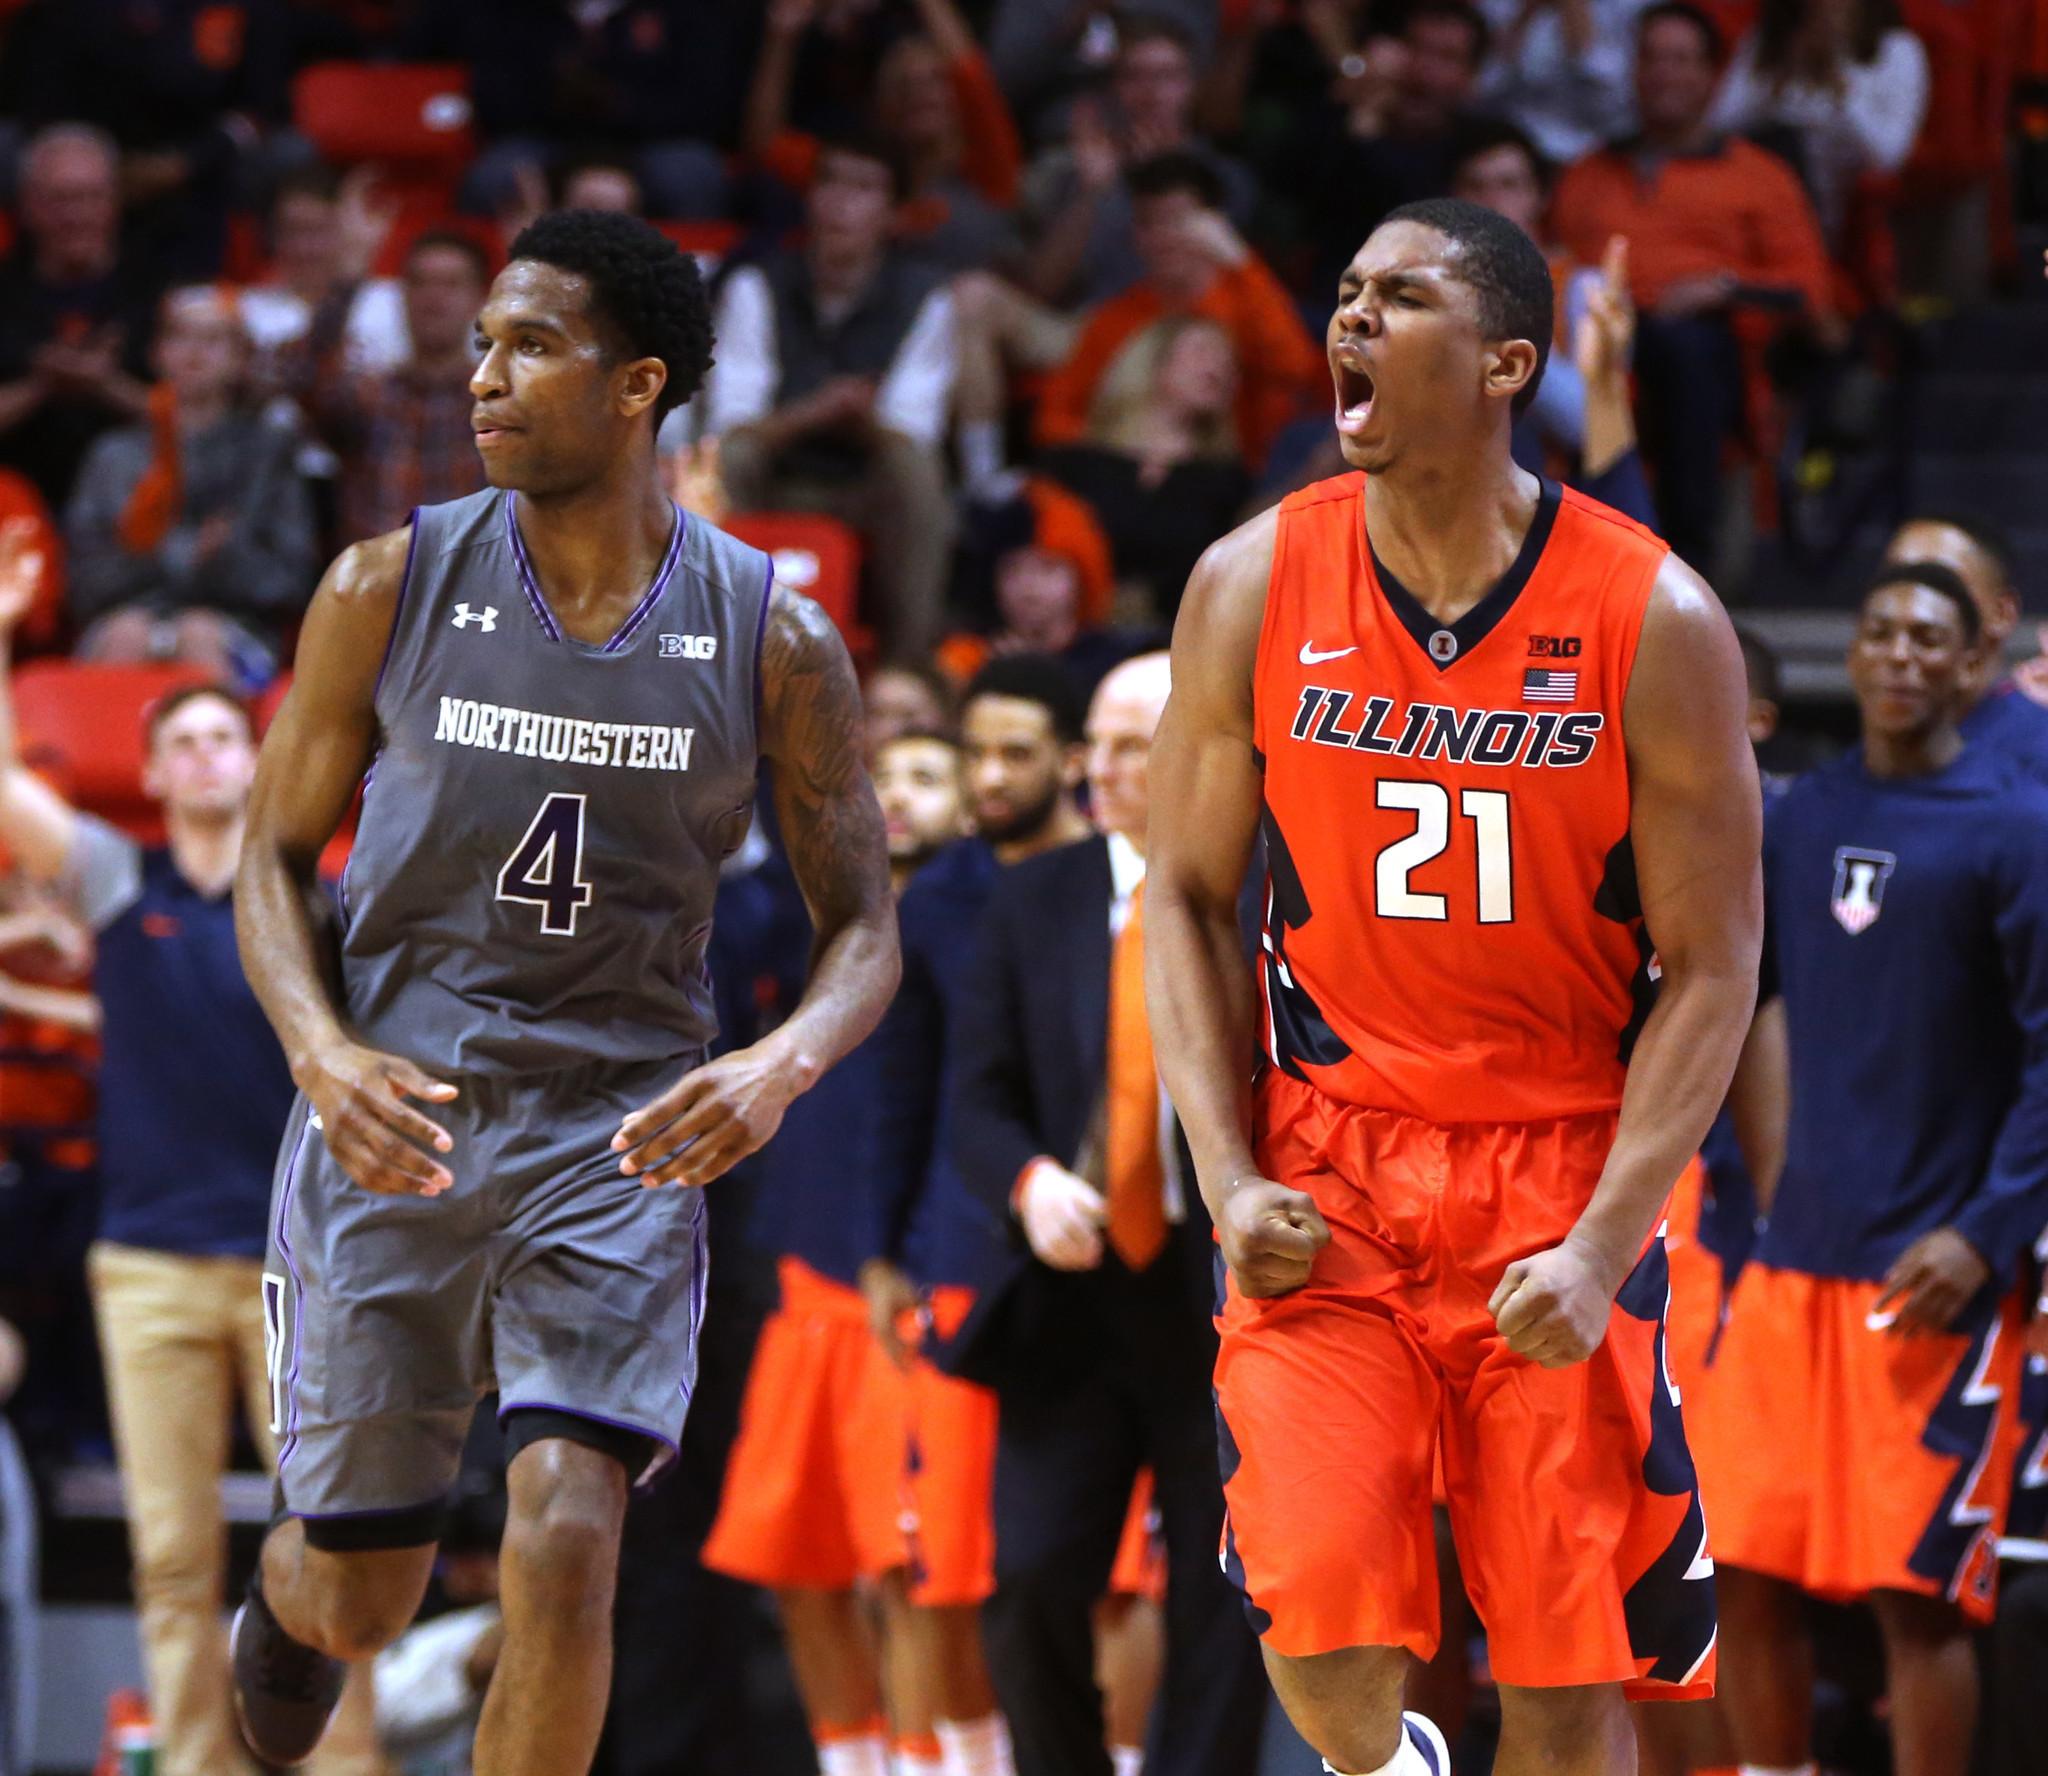 NCAA bracket expert: Northwestern safely in; Illinois still has hope